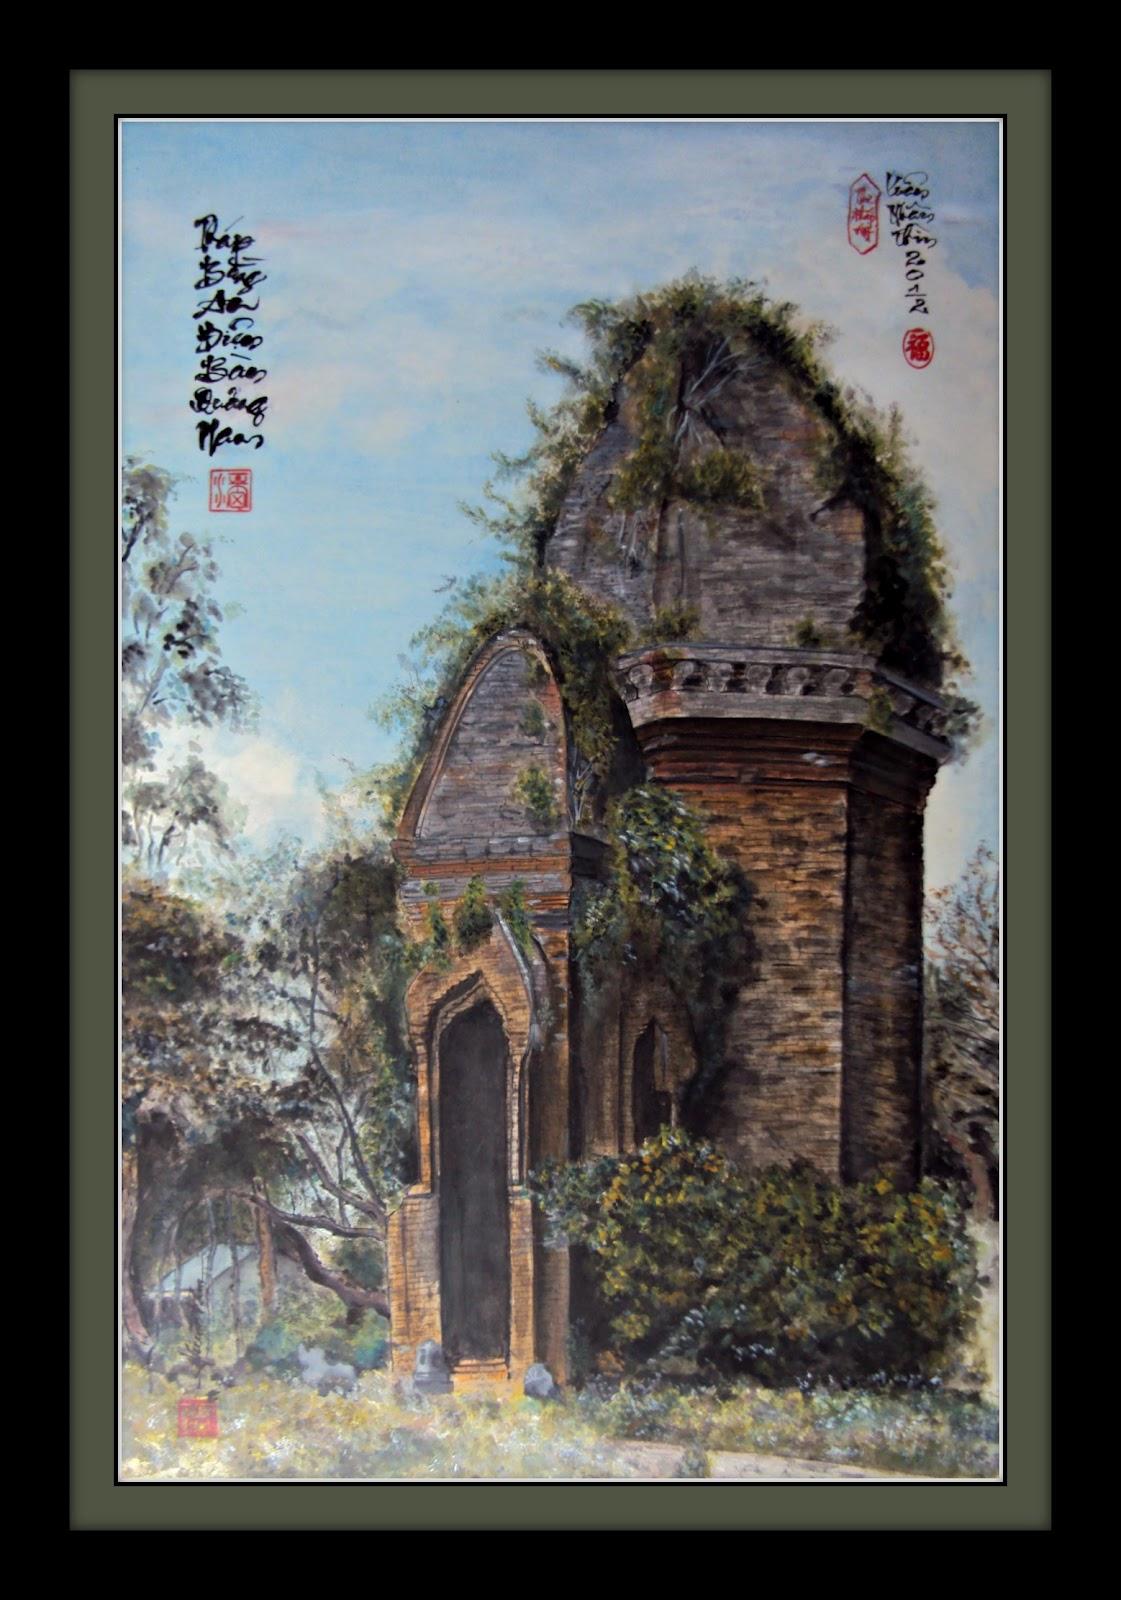 Nghệ thuật thư pháp Phước Tám có ảnh Tháp Bằng An